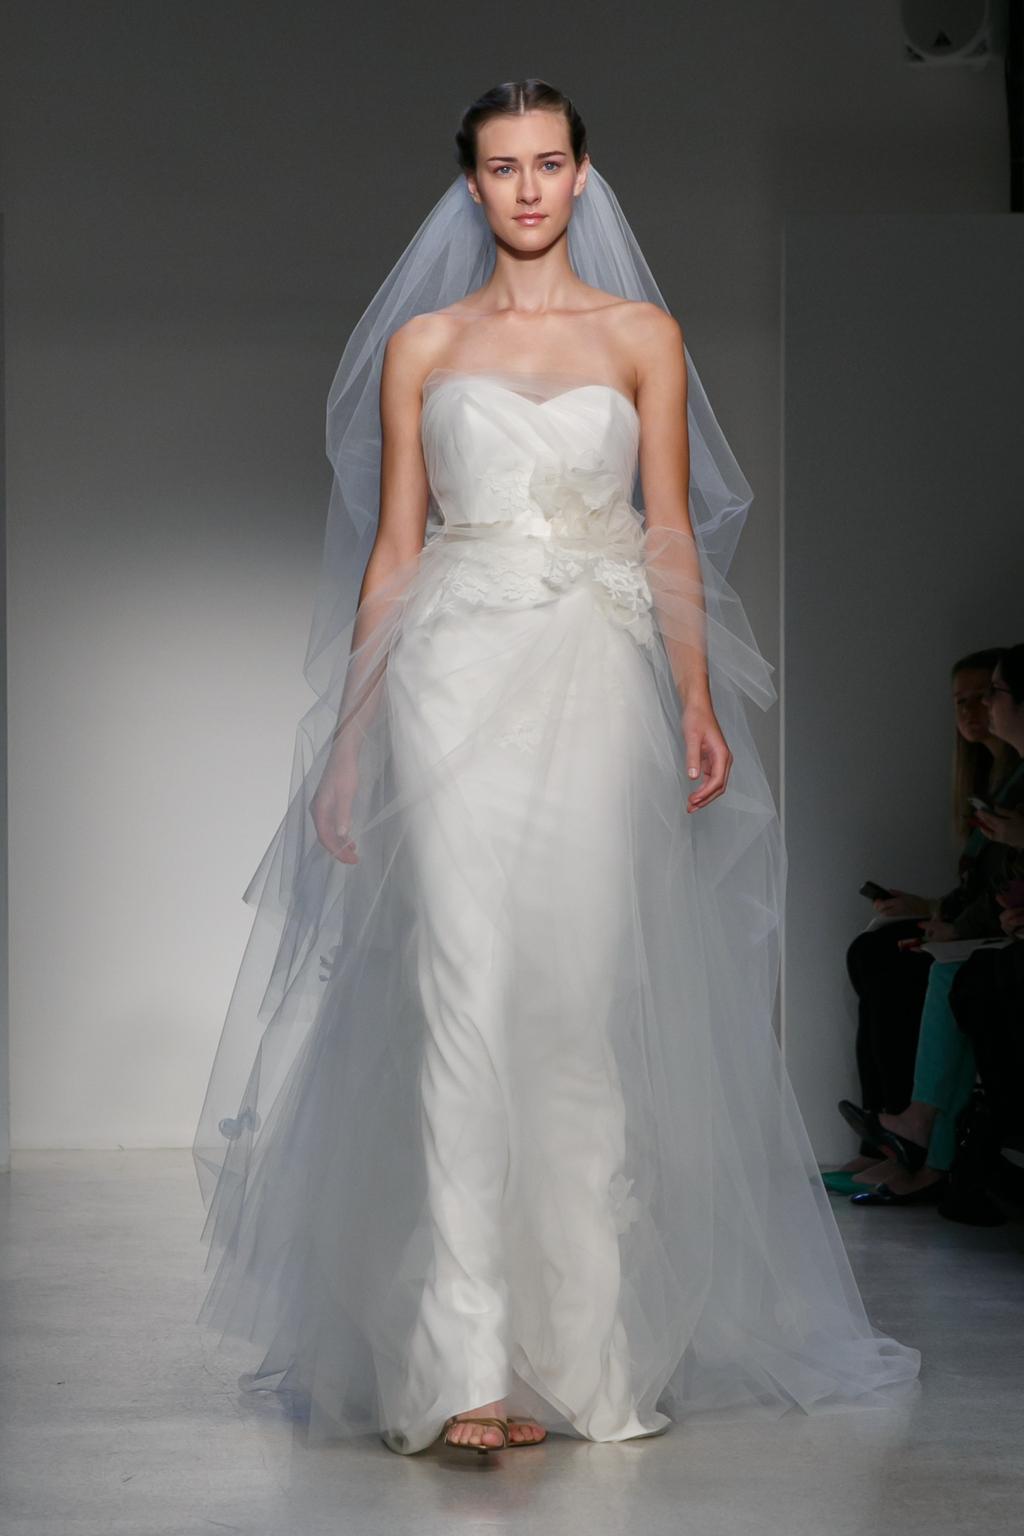 Fall-2013-wedding-dress-by-christos-amsale-bridal-12.full